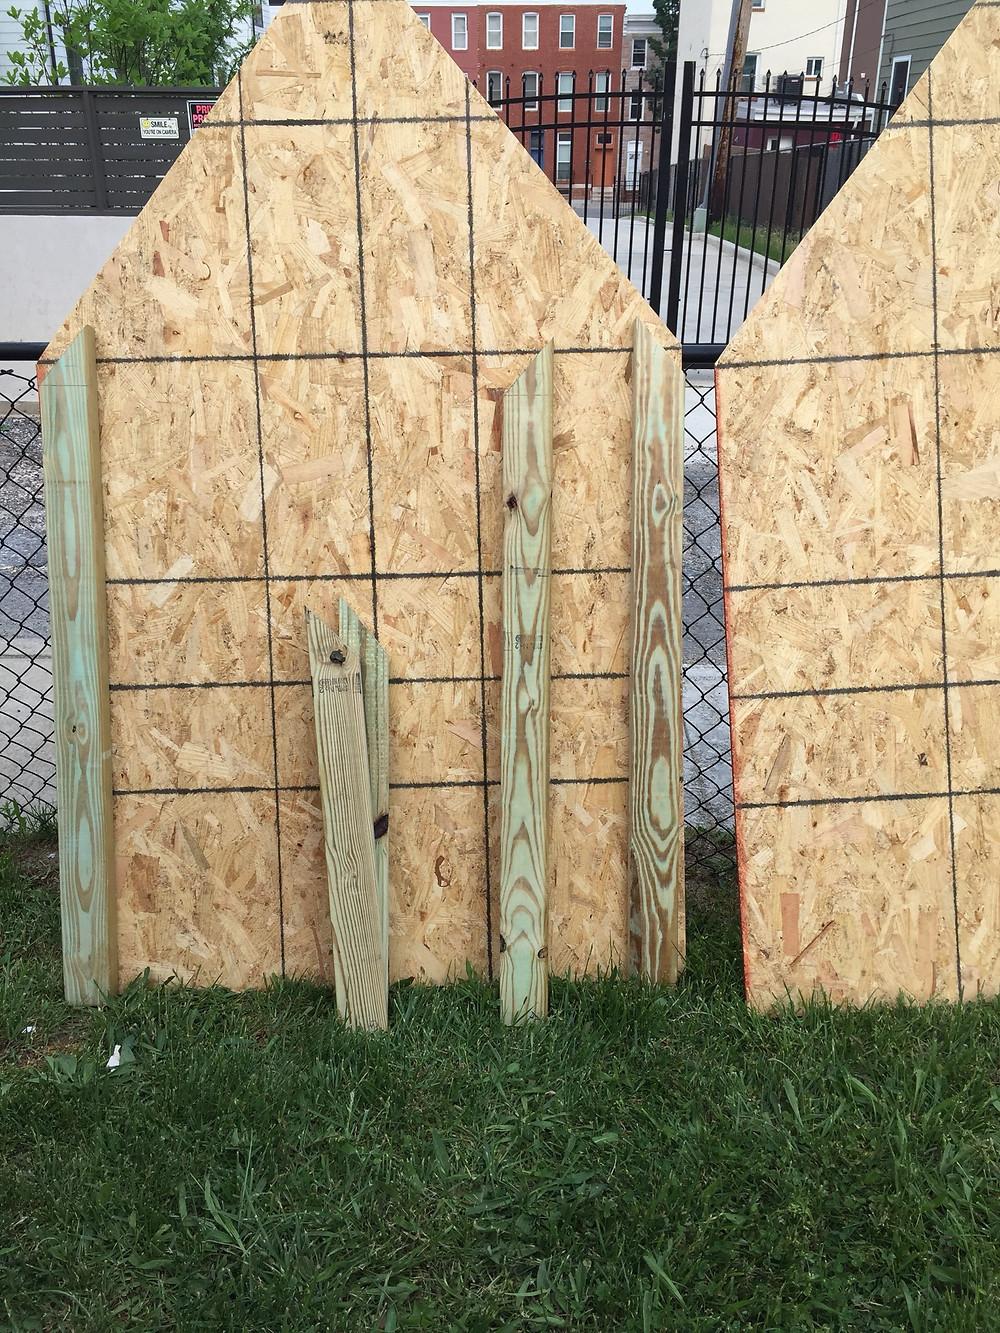 Prototype lumber